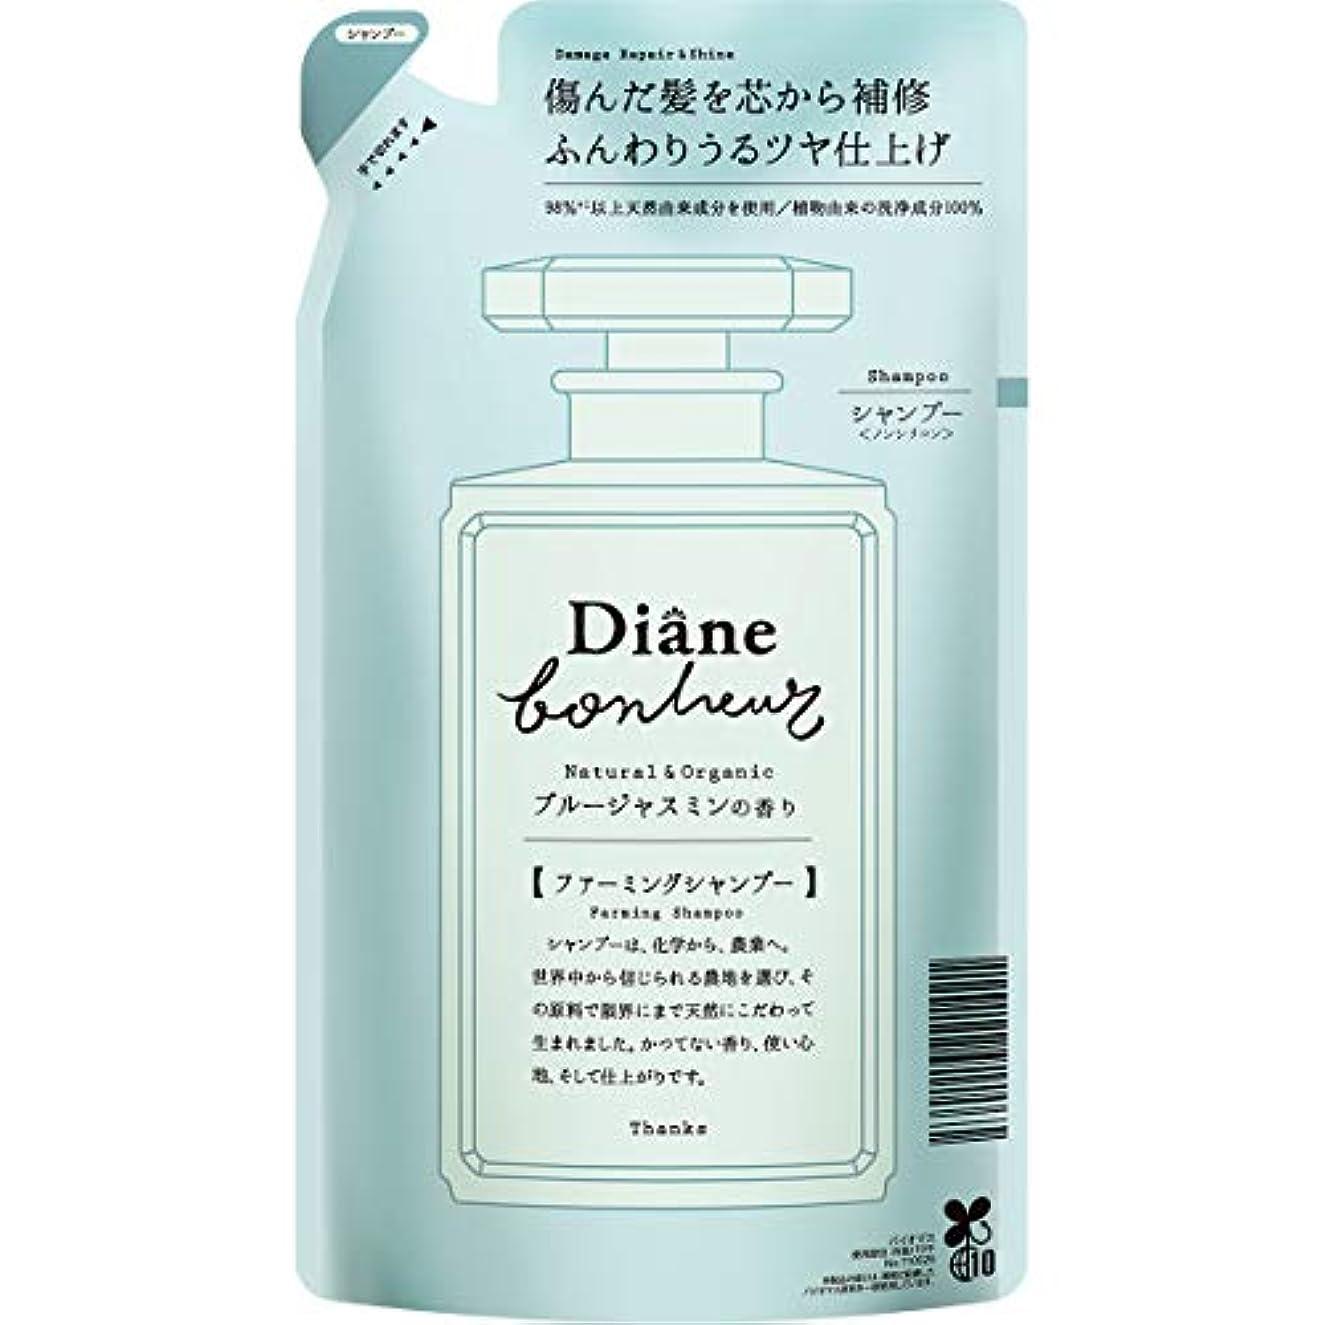 フィドル子供達クラフトダイアン ボヌール シャンプー ブルージャスミンの香り ダメージリペア&シャイン 詰め替え 400ml